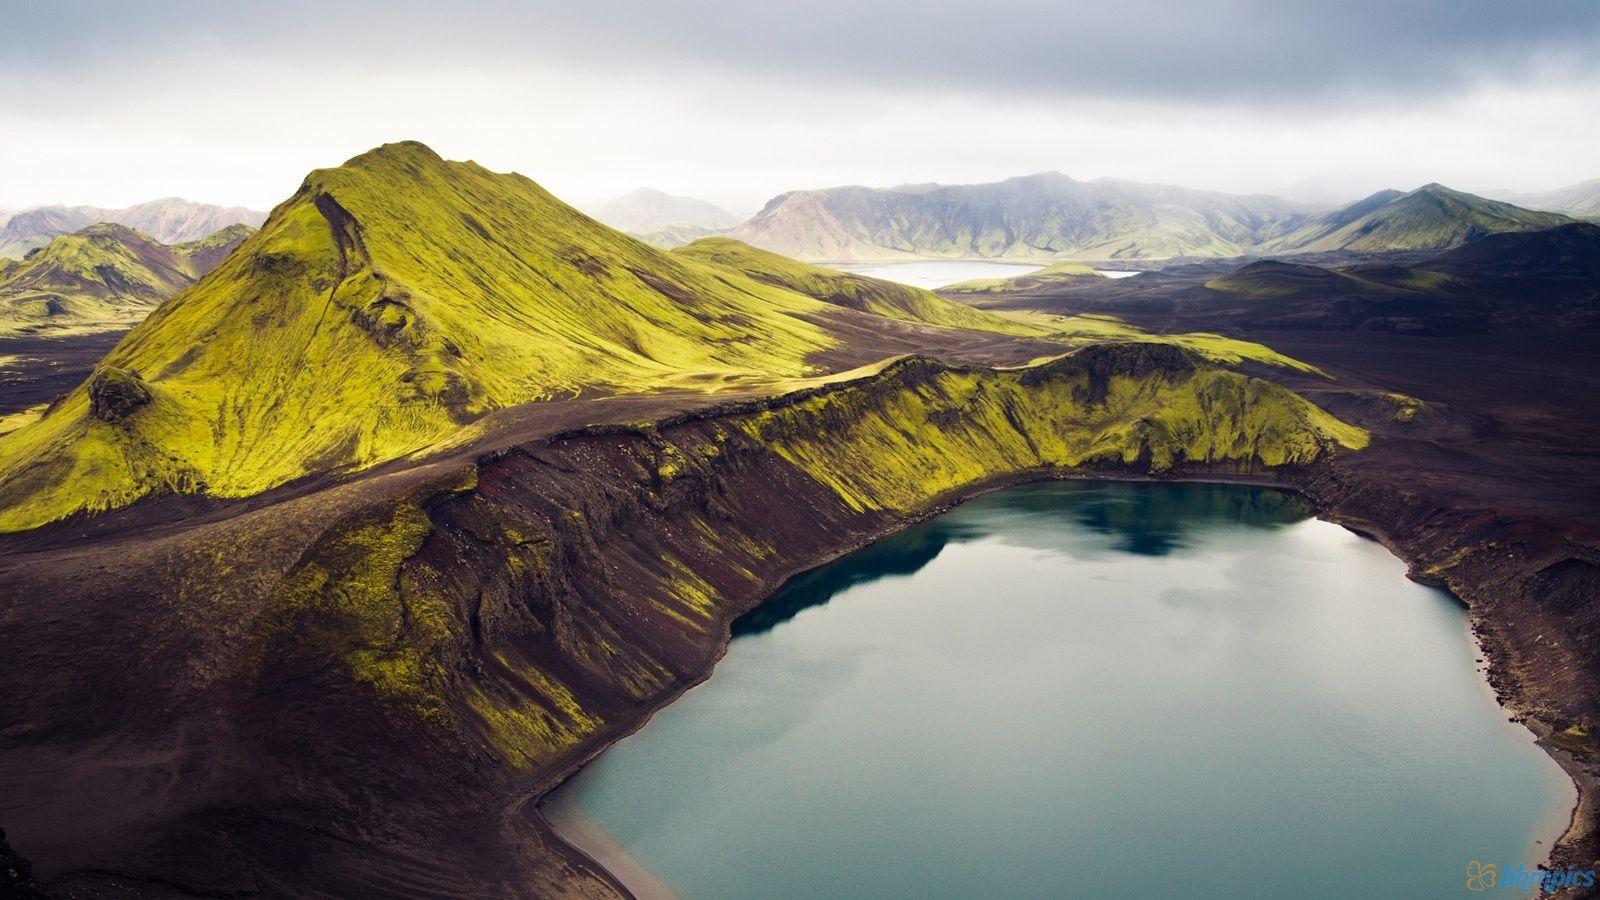 National Geographic Iceland Iceland Landscape National Geographic Wallpaper Scenery Photography